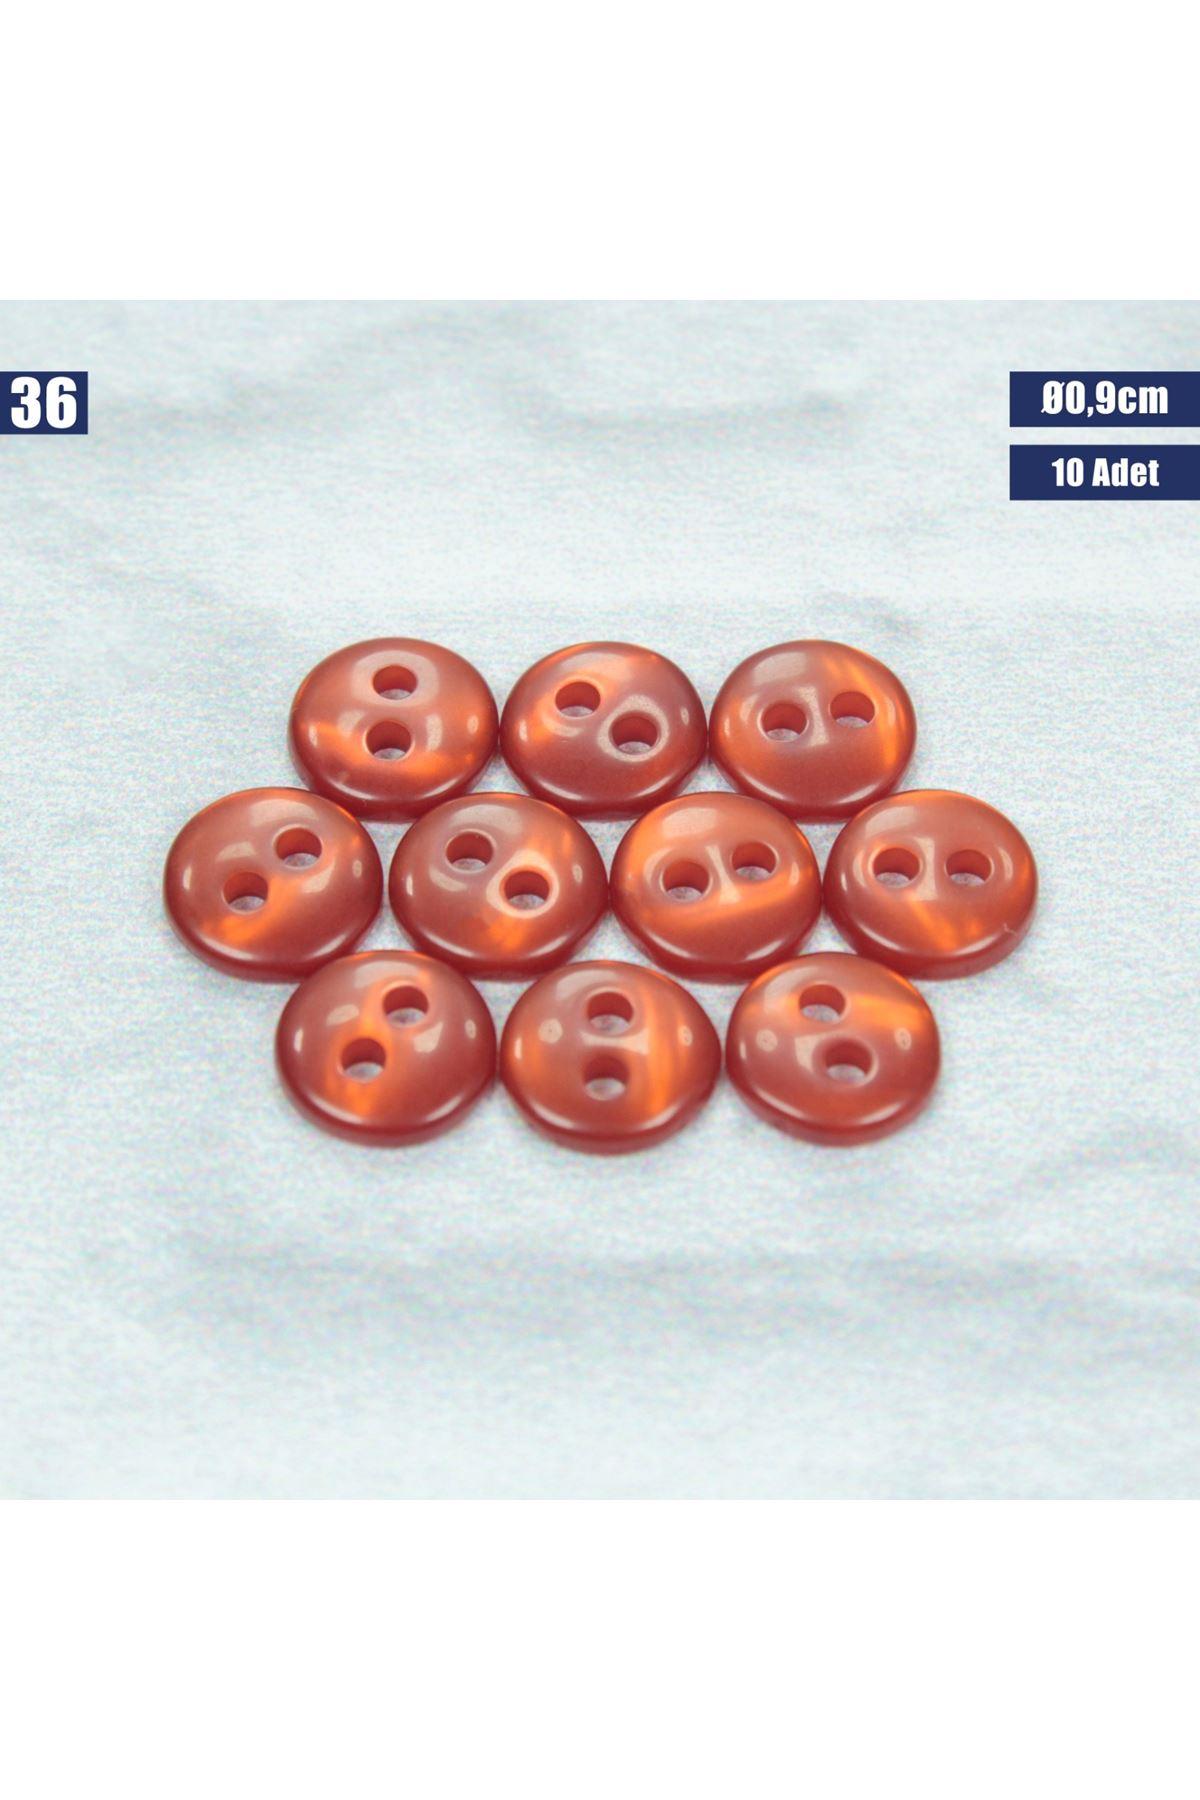 Amigurumi Düğmesi Ø 0,9cm - 36